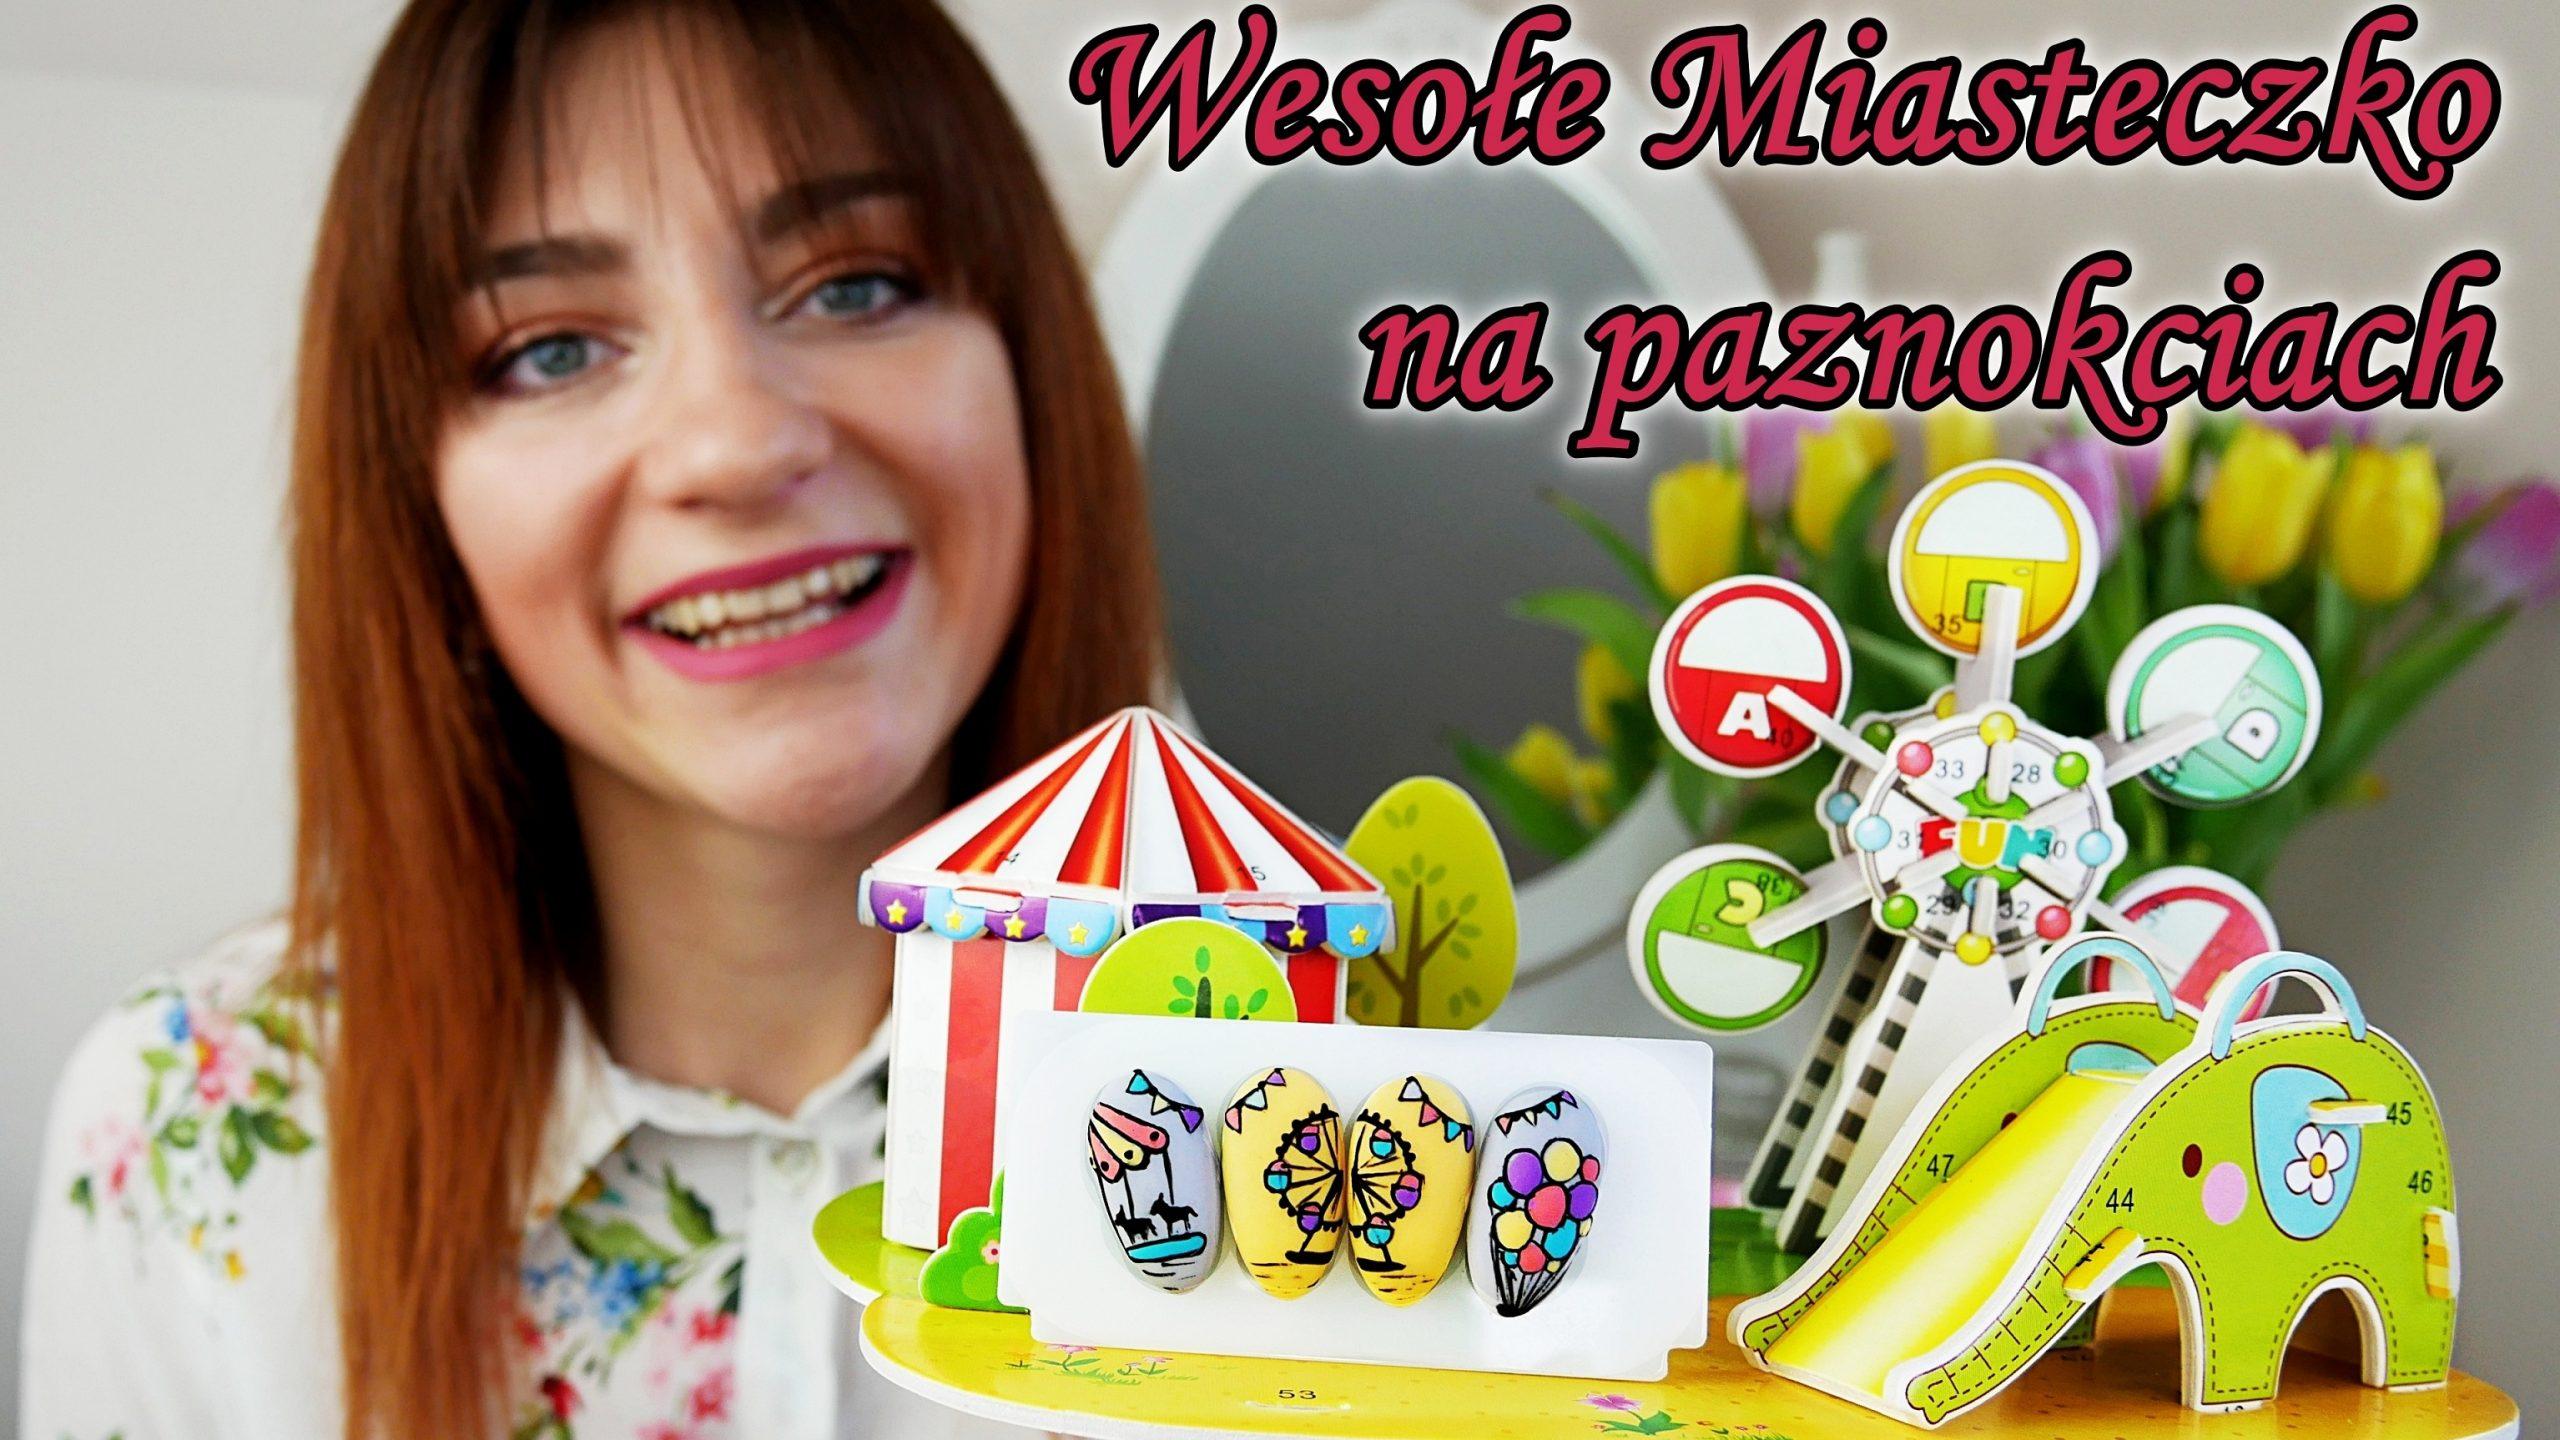 hybrydy-Ness-Wesołe-Manisteczko-pastelowe-paznokcie-na-wiosne-kolorowe-spring-nails-colorful-Lakierowniczka